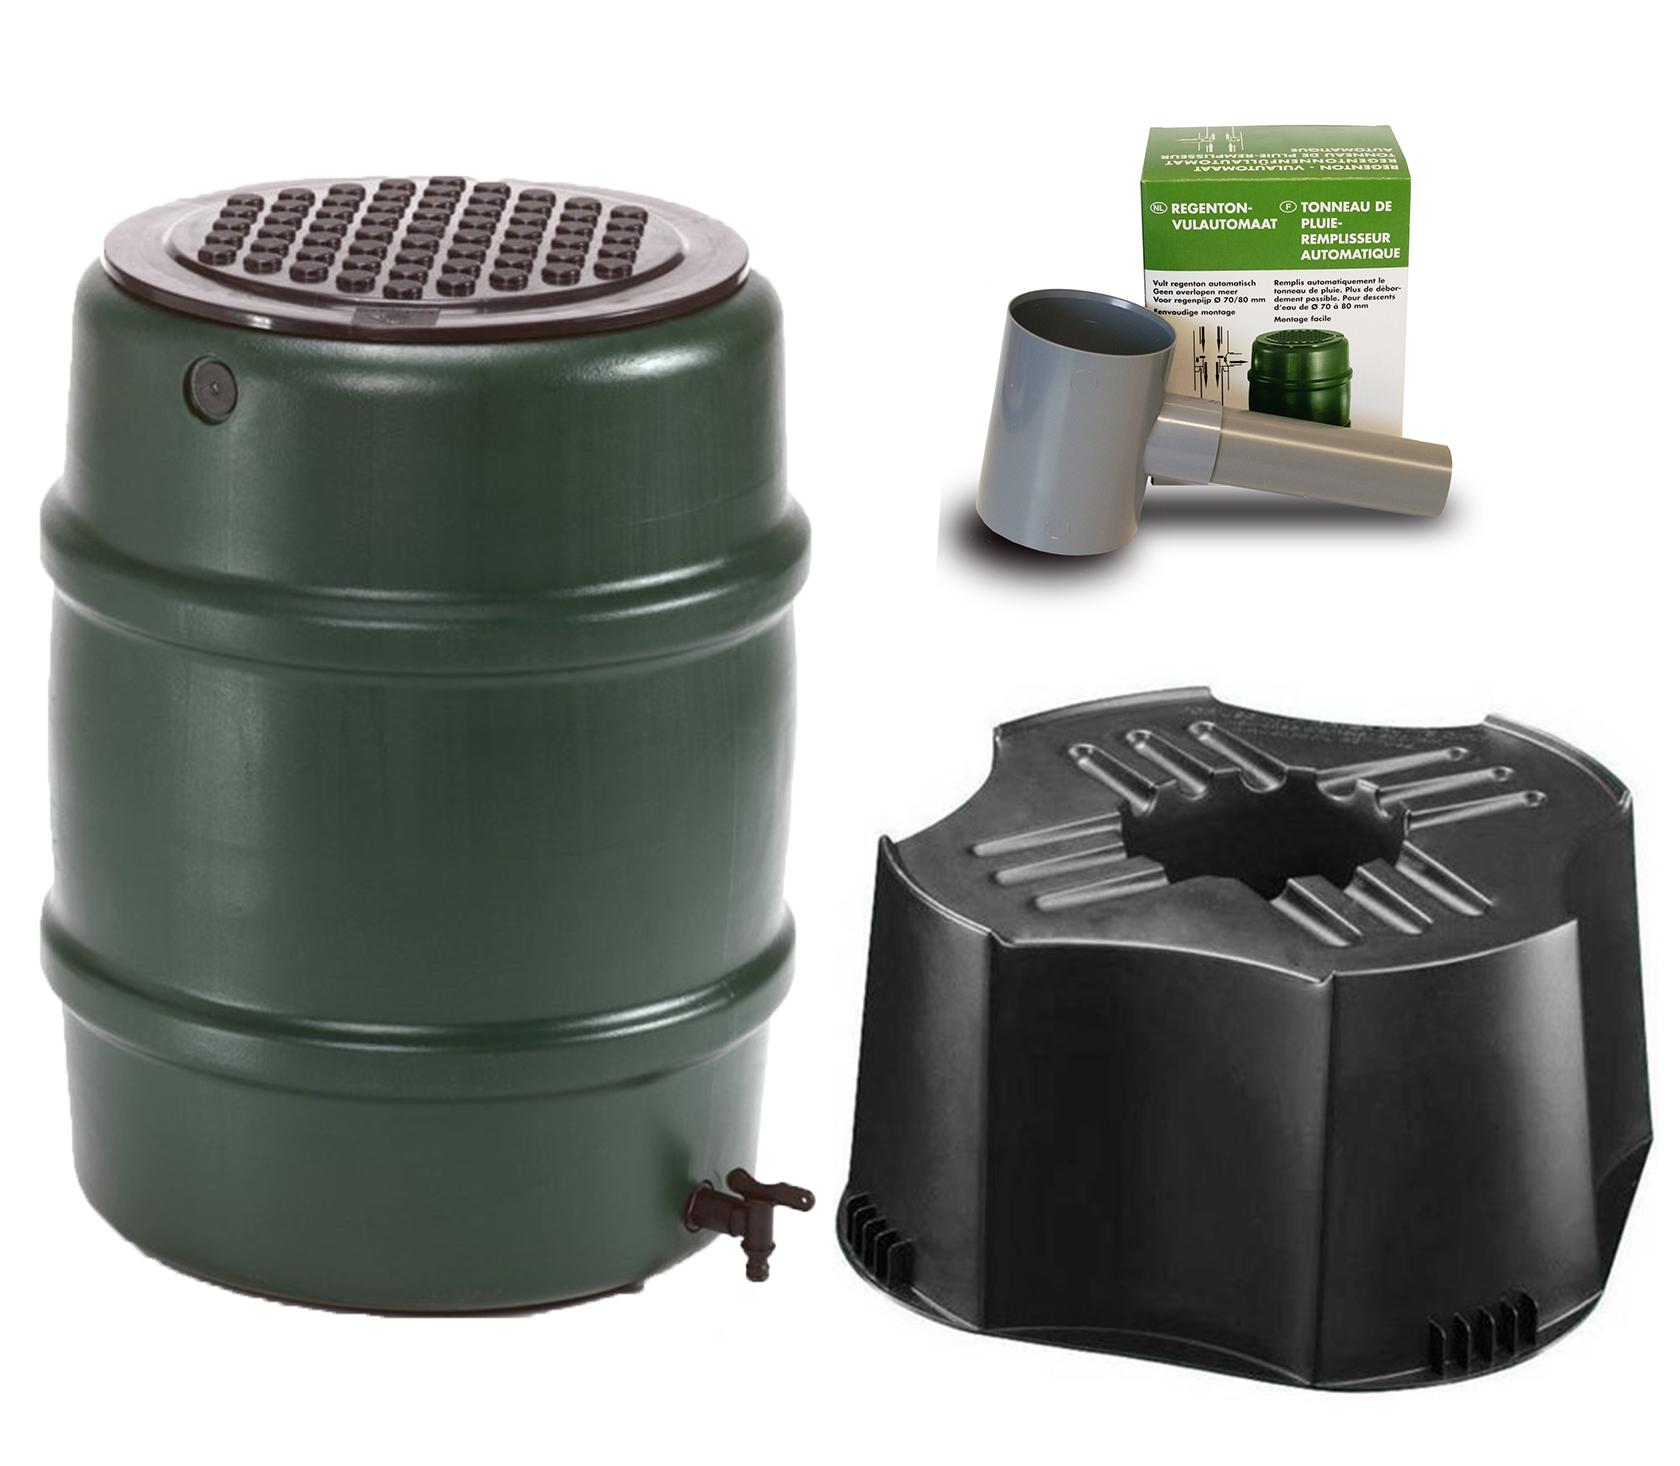 Harcostar Kunststof Regenton Groen 114 Liter Met Voet en Vulautomaat